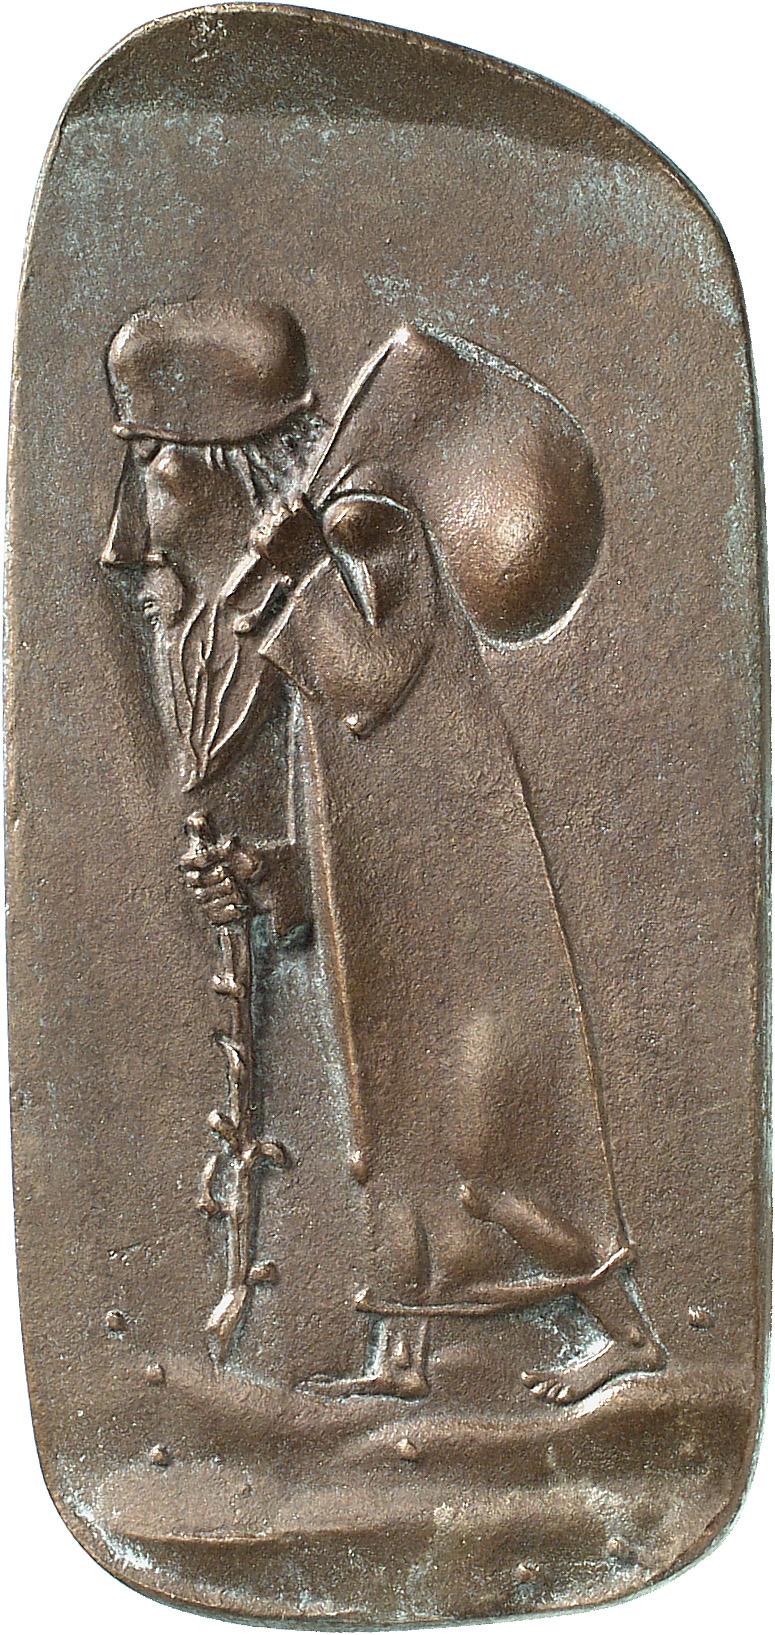 Münzkabinett, Staatliche Museen zu Berlin - Stiftung Preußischer Kulturbesitz / Lutz-Jürgen Lübke (Lübke und Wiedemann) [CC BY-NC-SA]